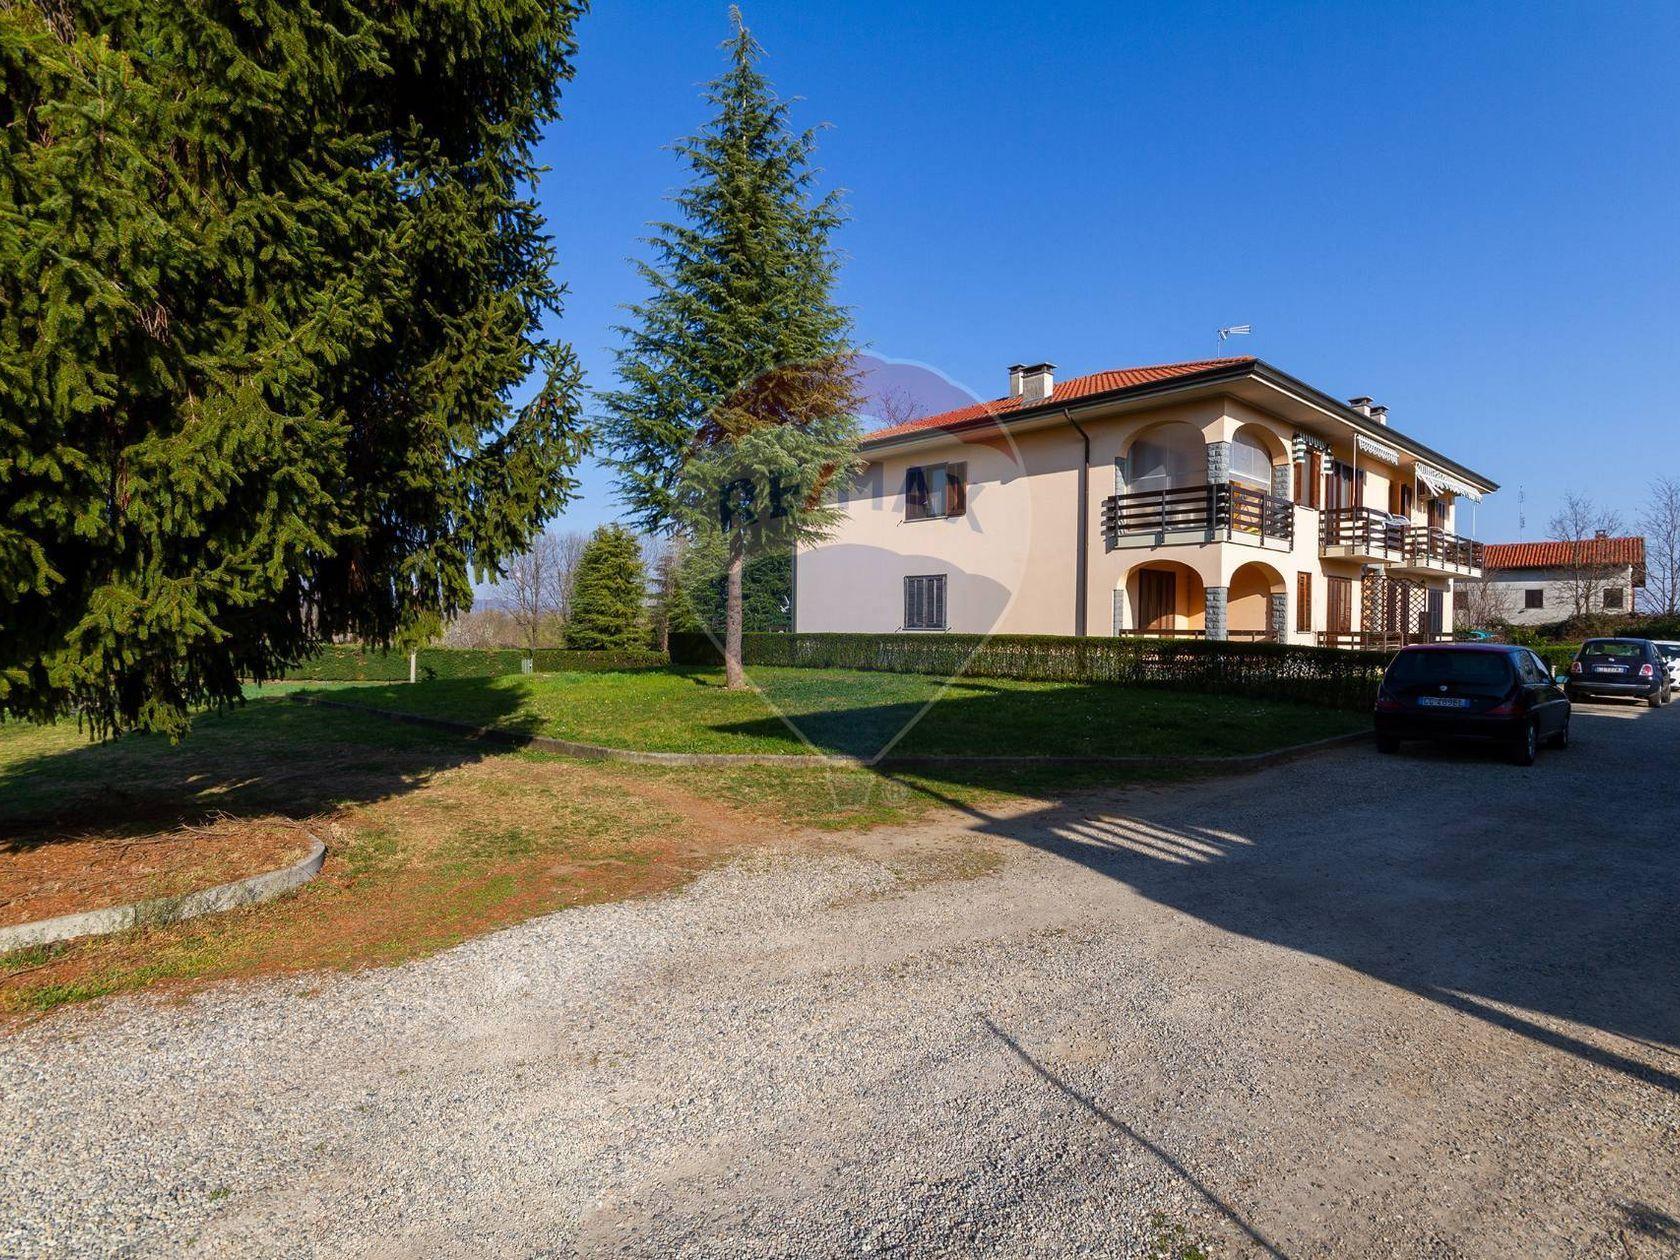 Arredamenti Rivarolo Canavese appartamento in vendita rivarolo canavese 20551286-2 | re